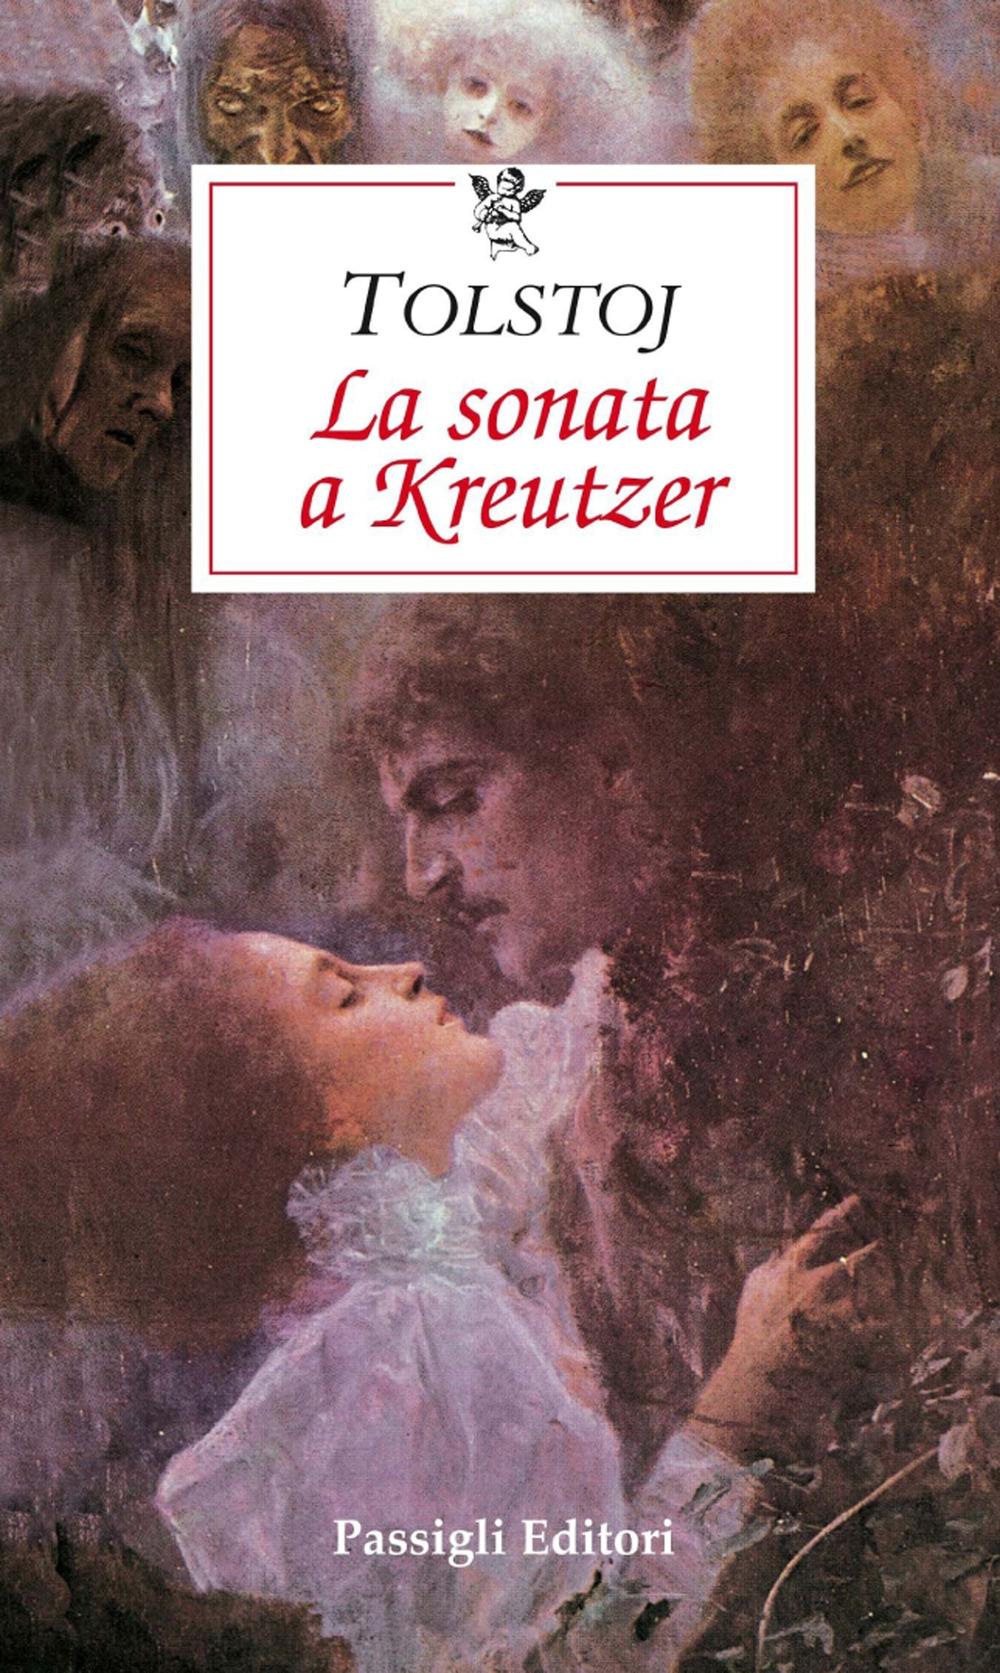 La sonata a Kreutzer.